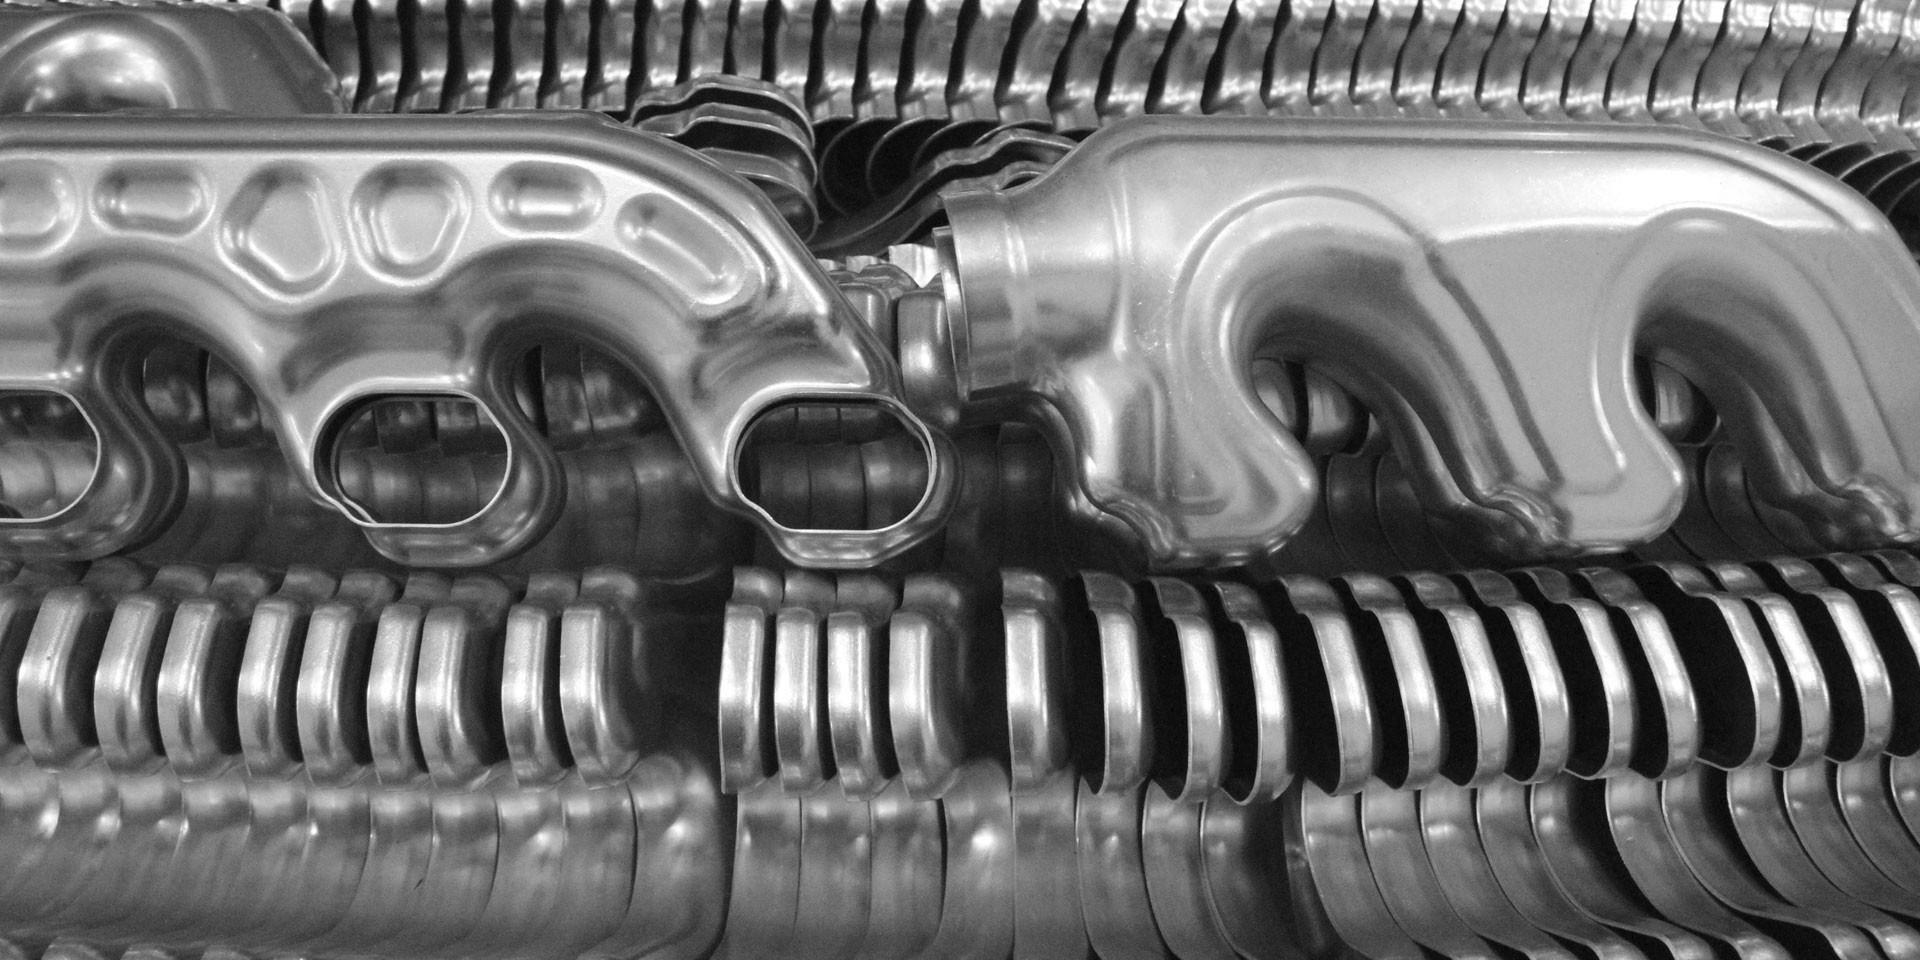 Lavorazione metalli automotive